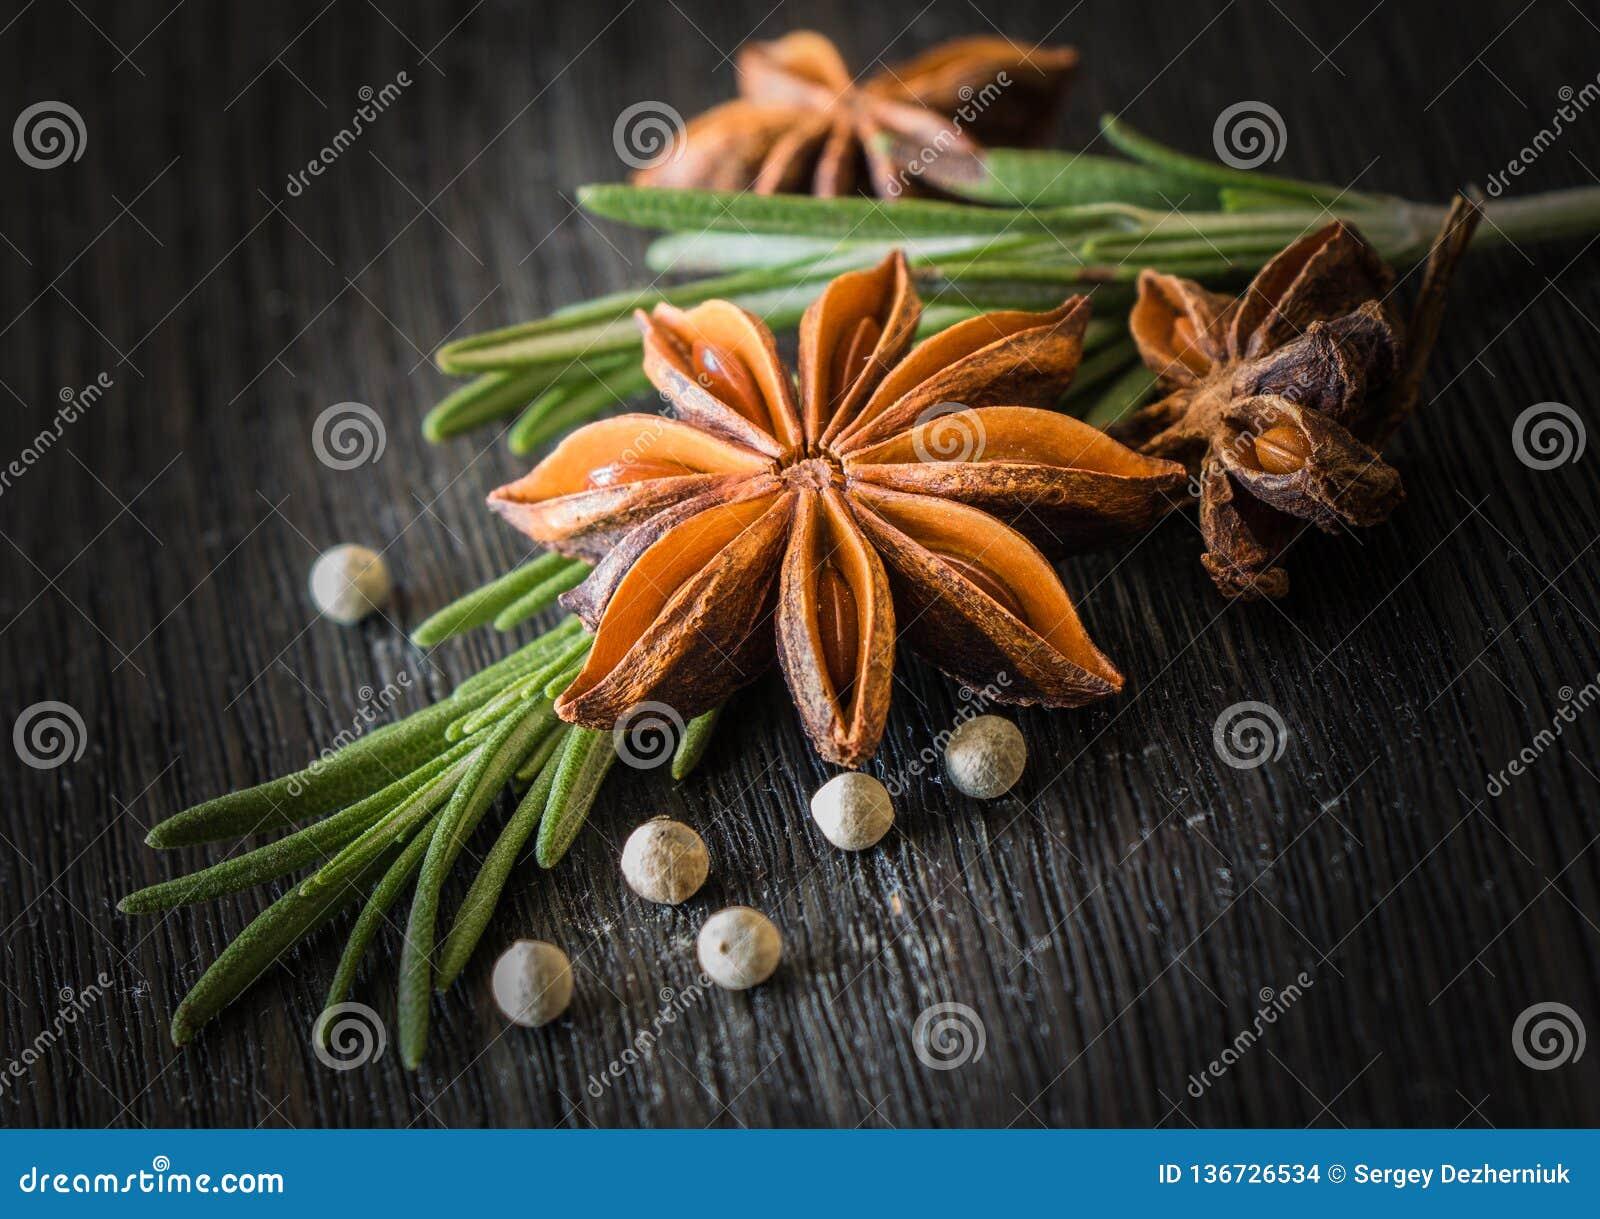 Rosemary, star anise, white pepper